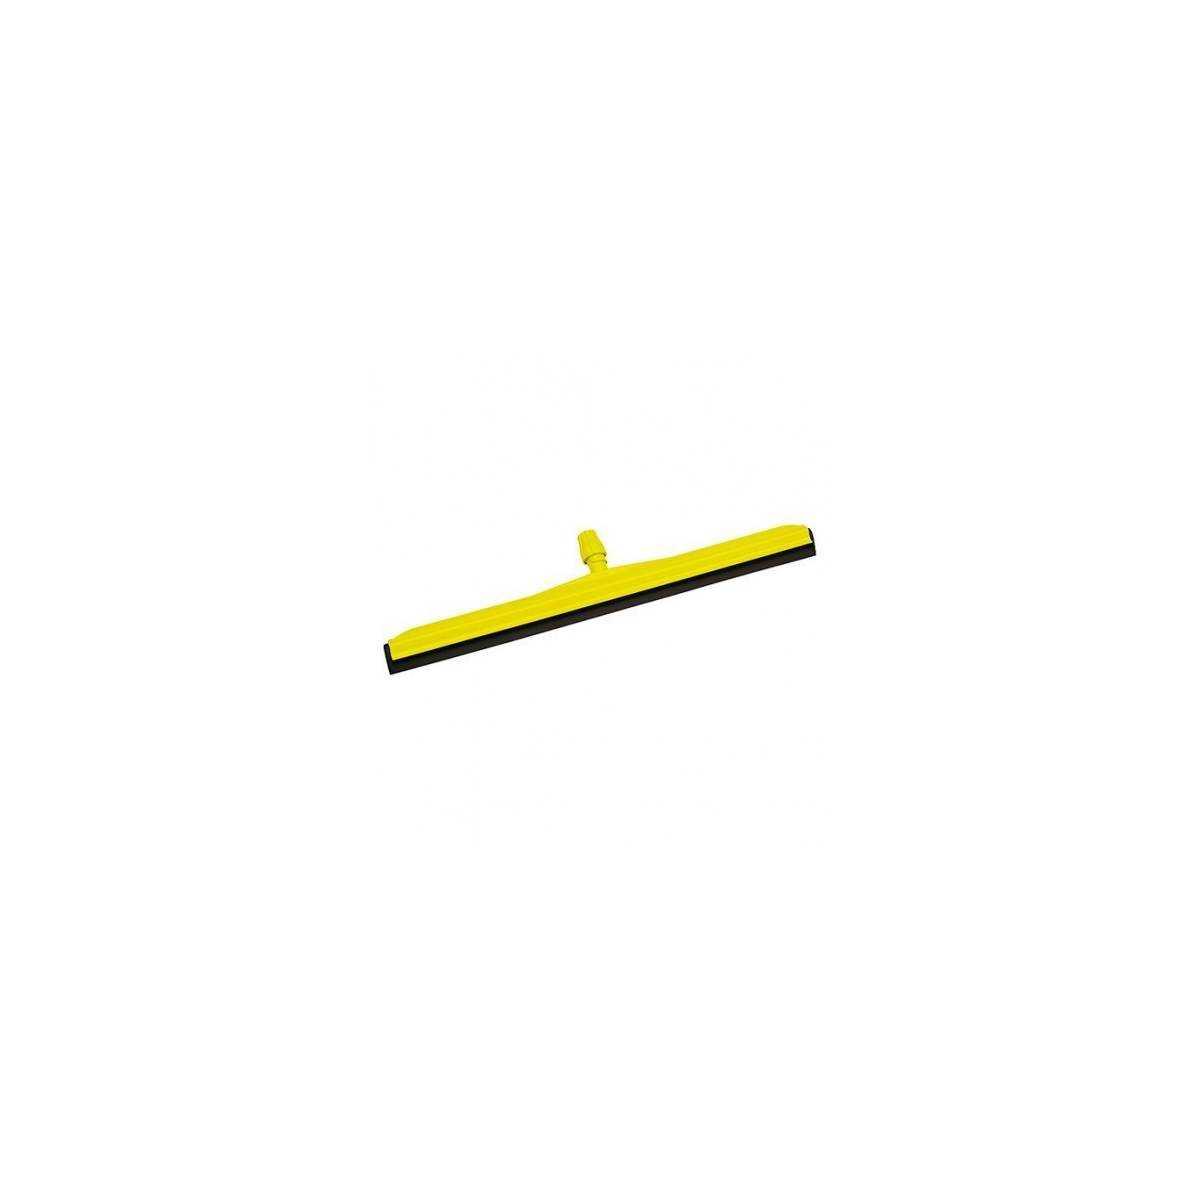 Скребок для сгона воды с пола полипропиленовый 45см (Желтого цвета) 8676 TTS